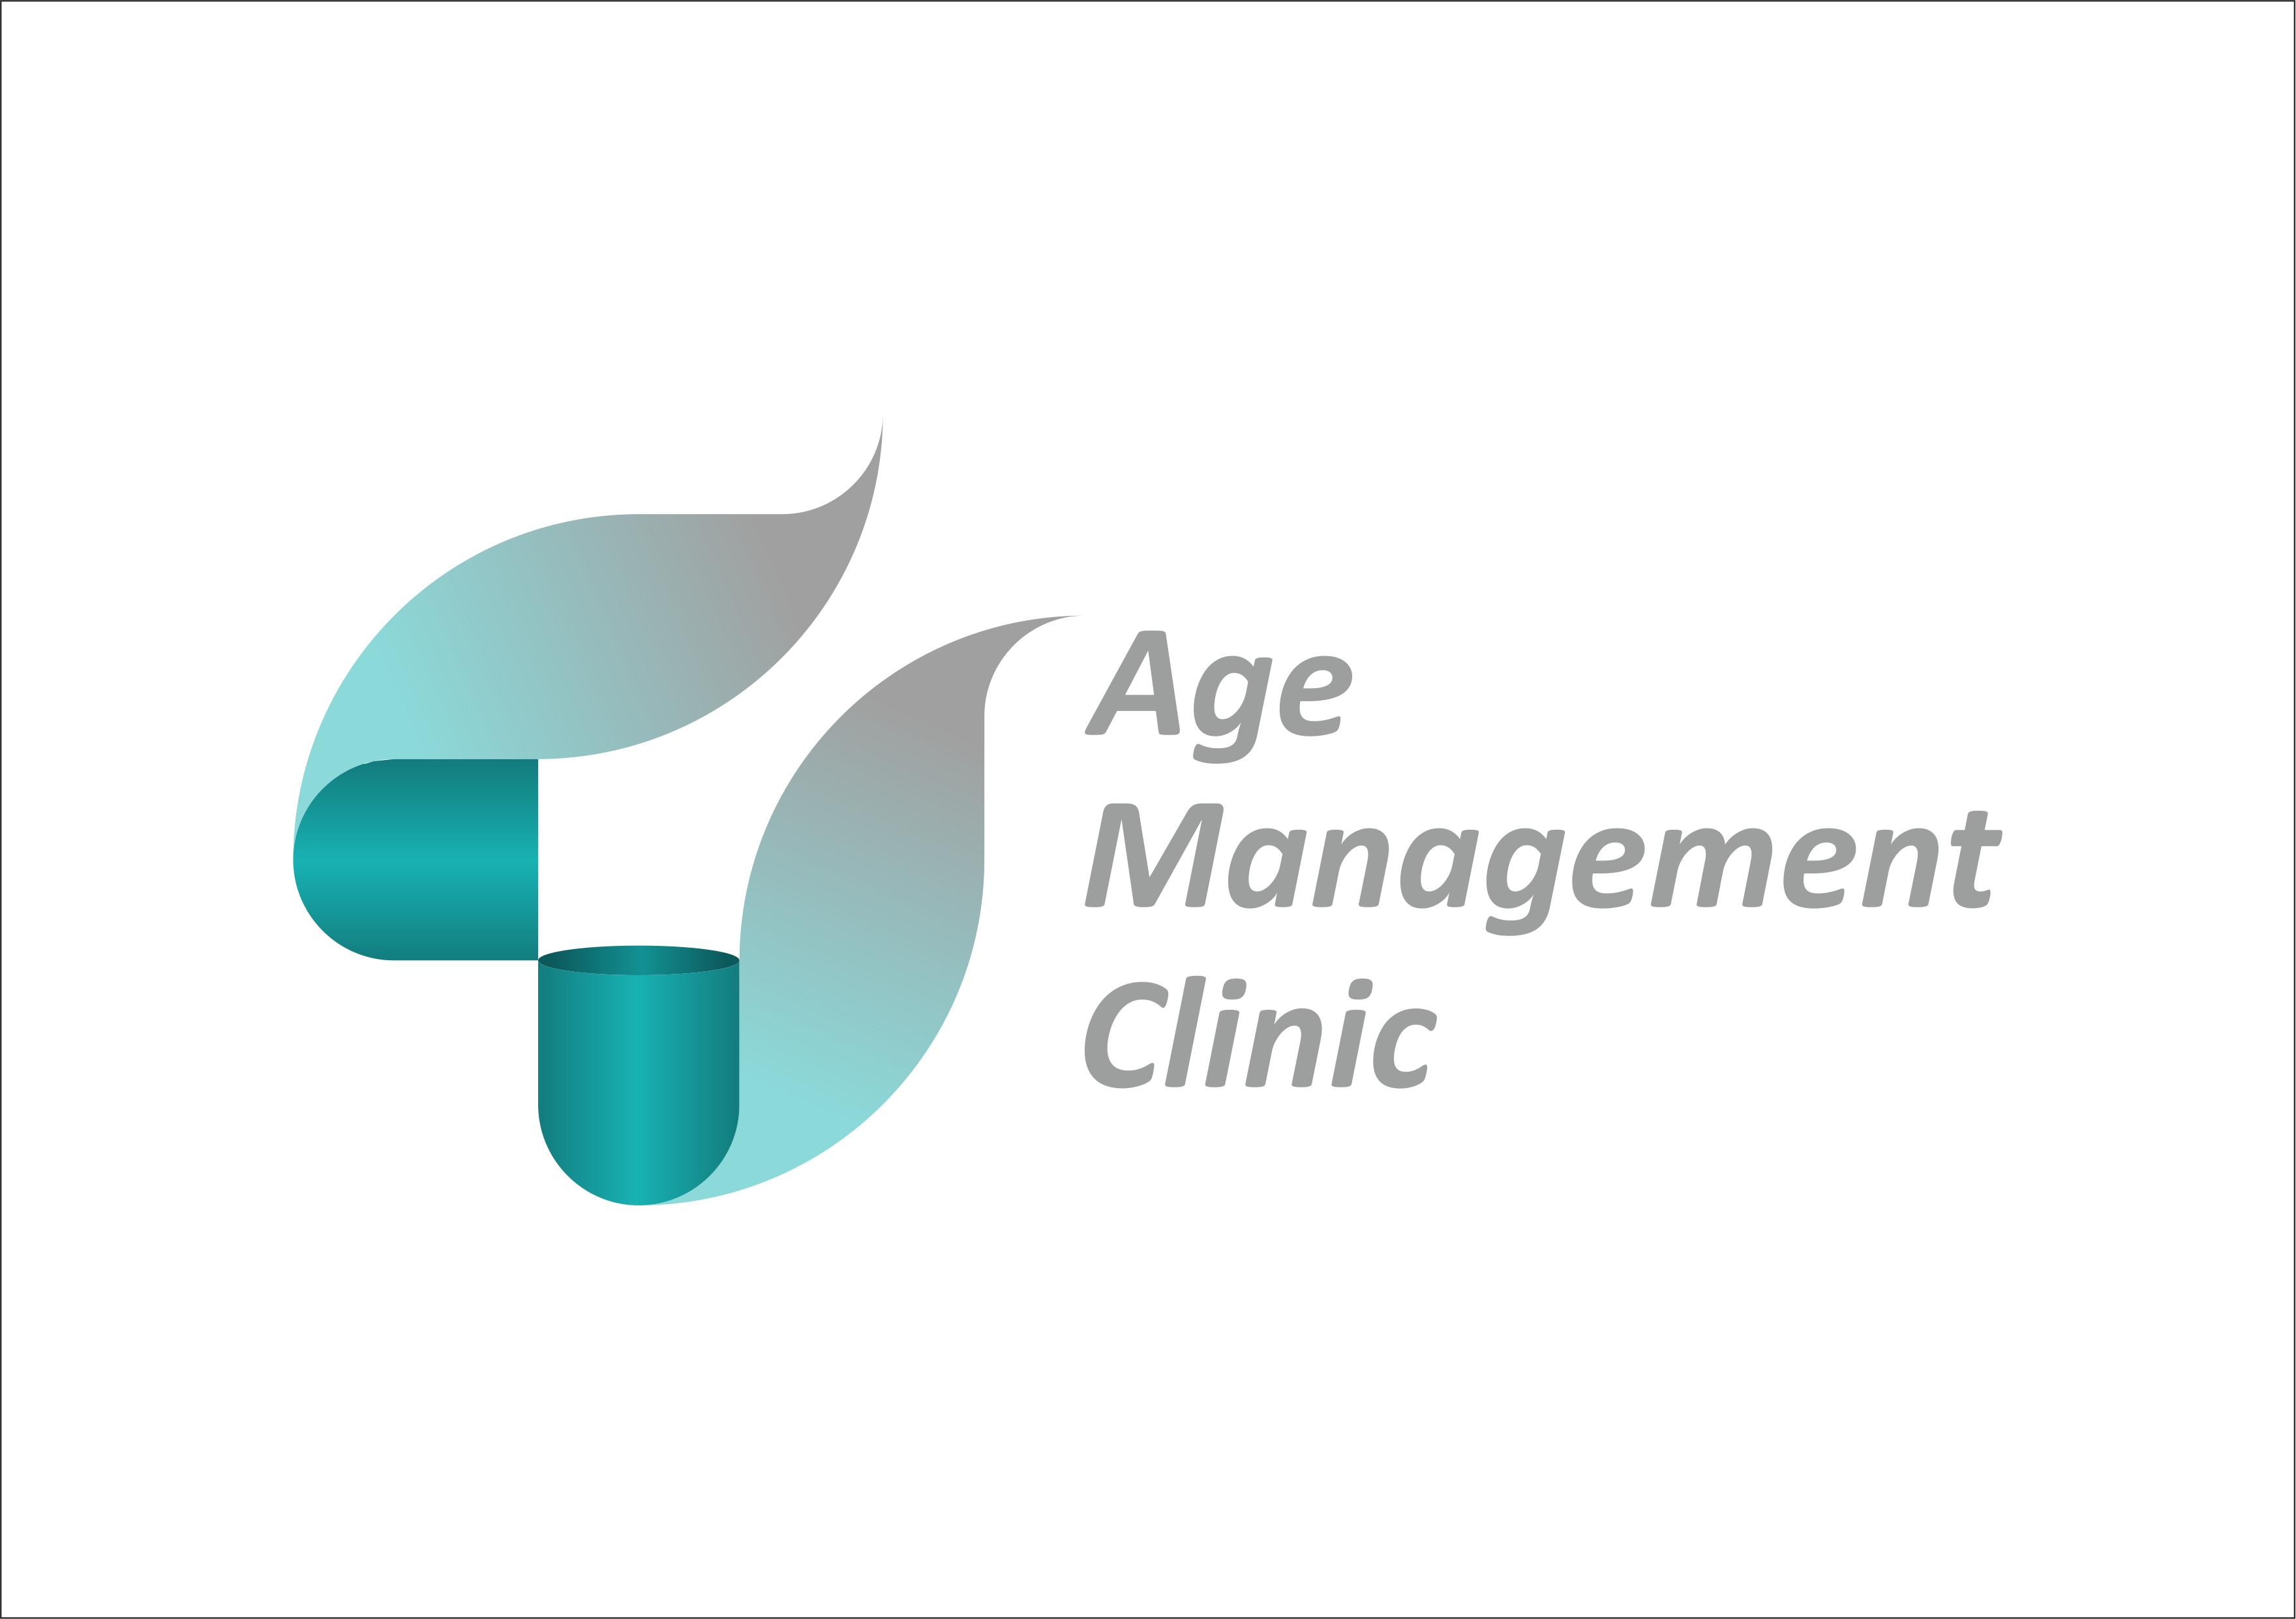 Логотип для медицинского центра (клиники)  фото f_2685b98d3db57722.png